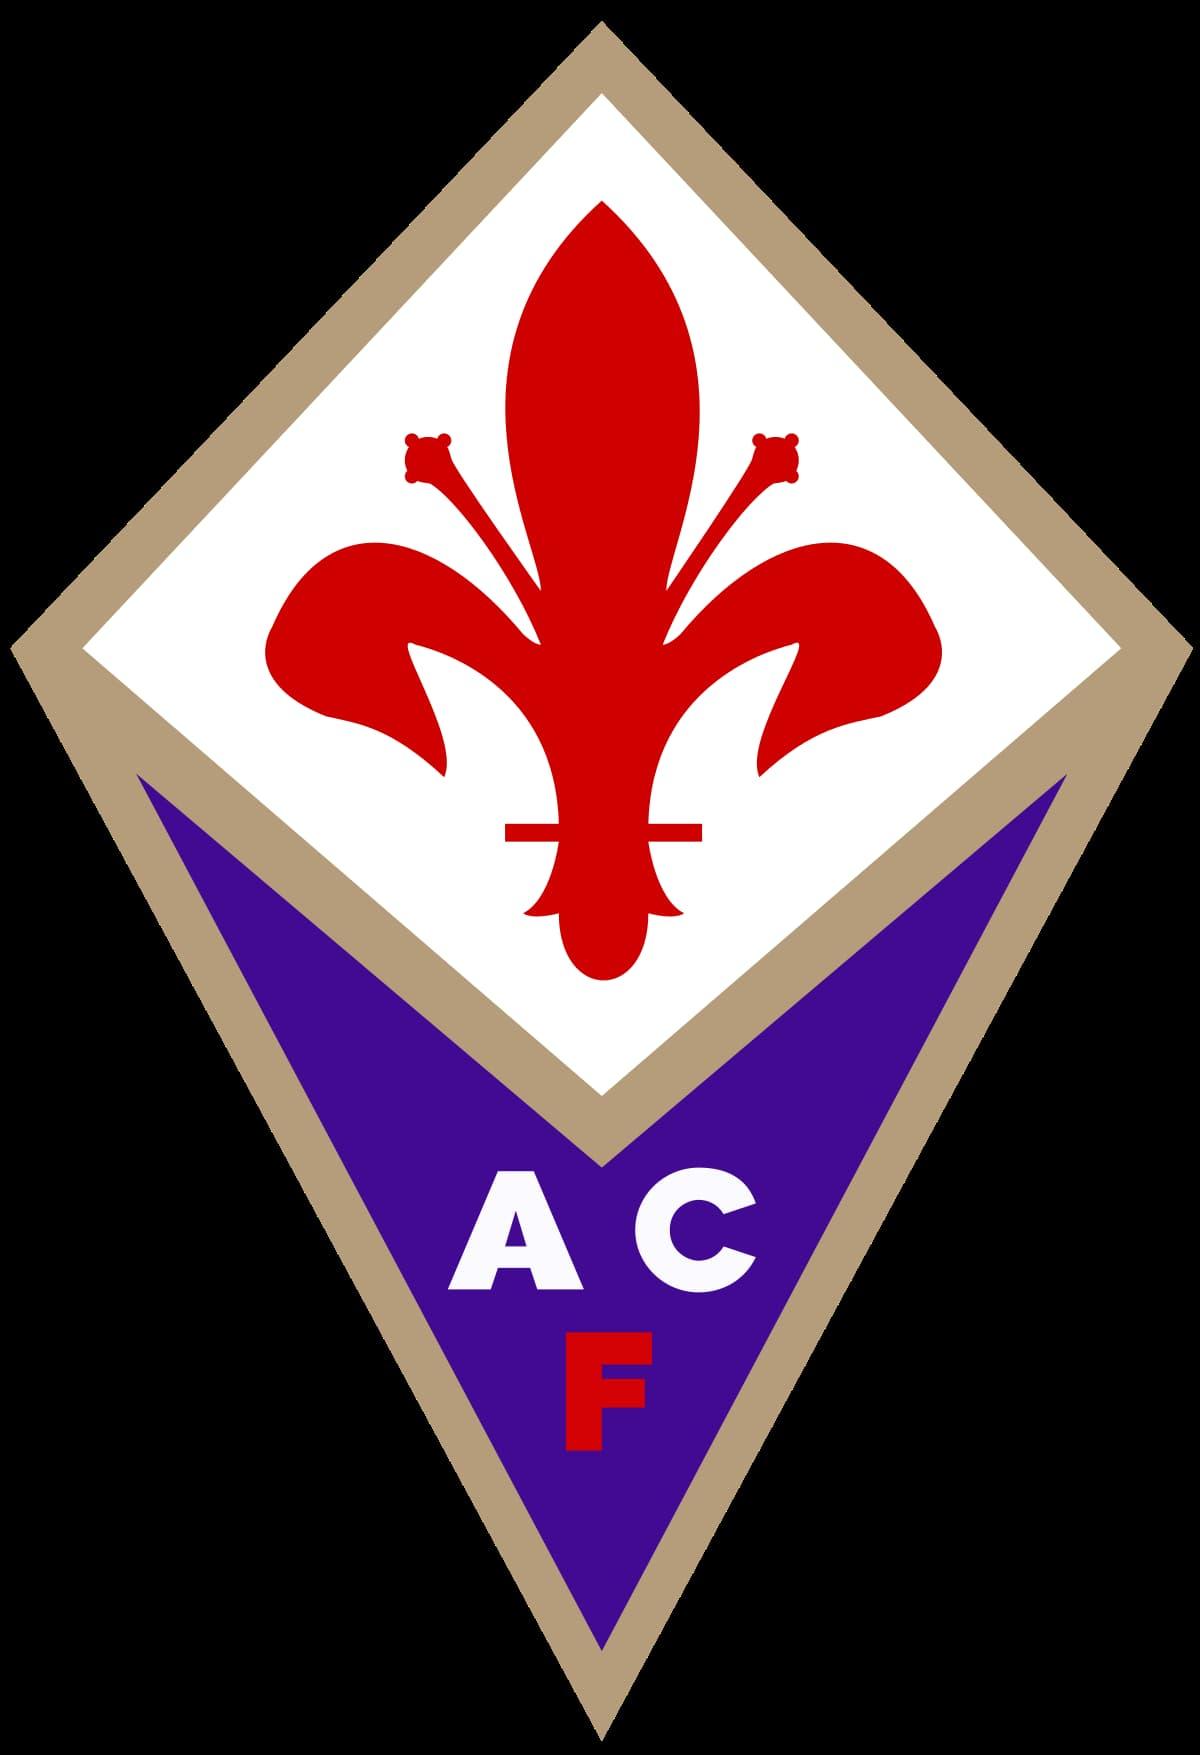 フィオレンテイーナの紋章